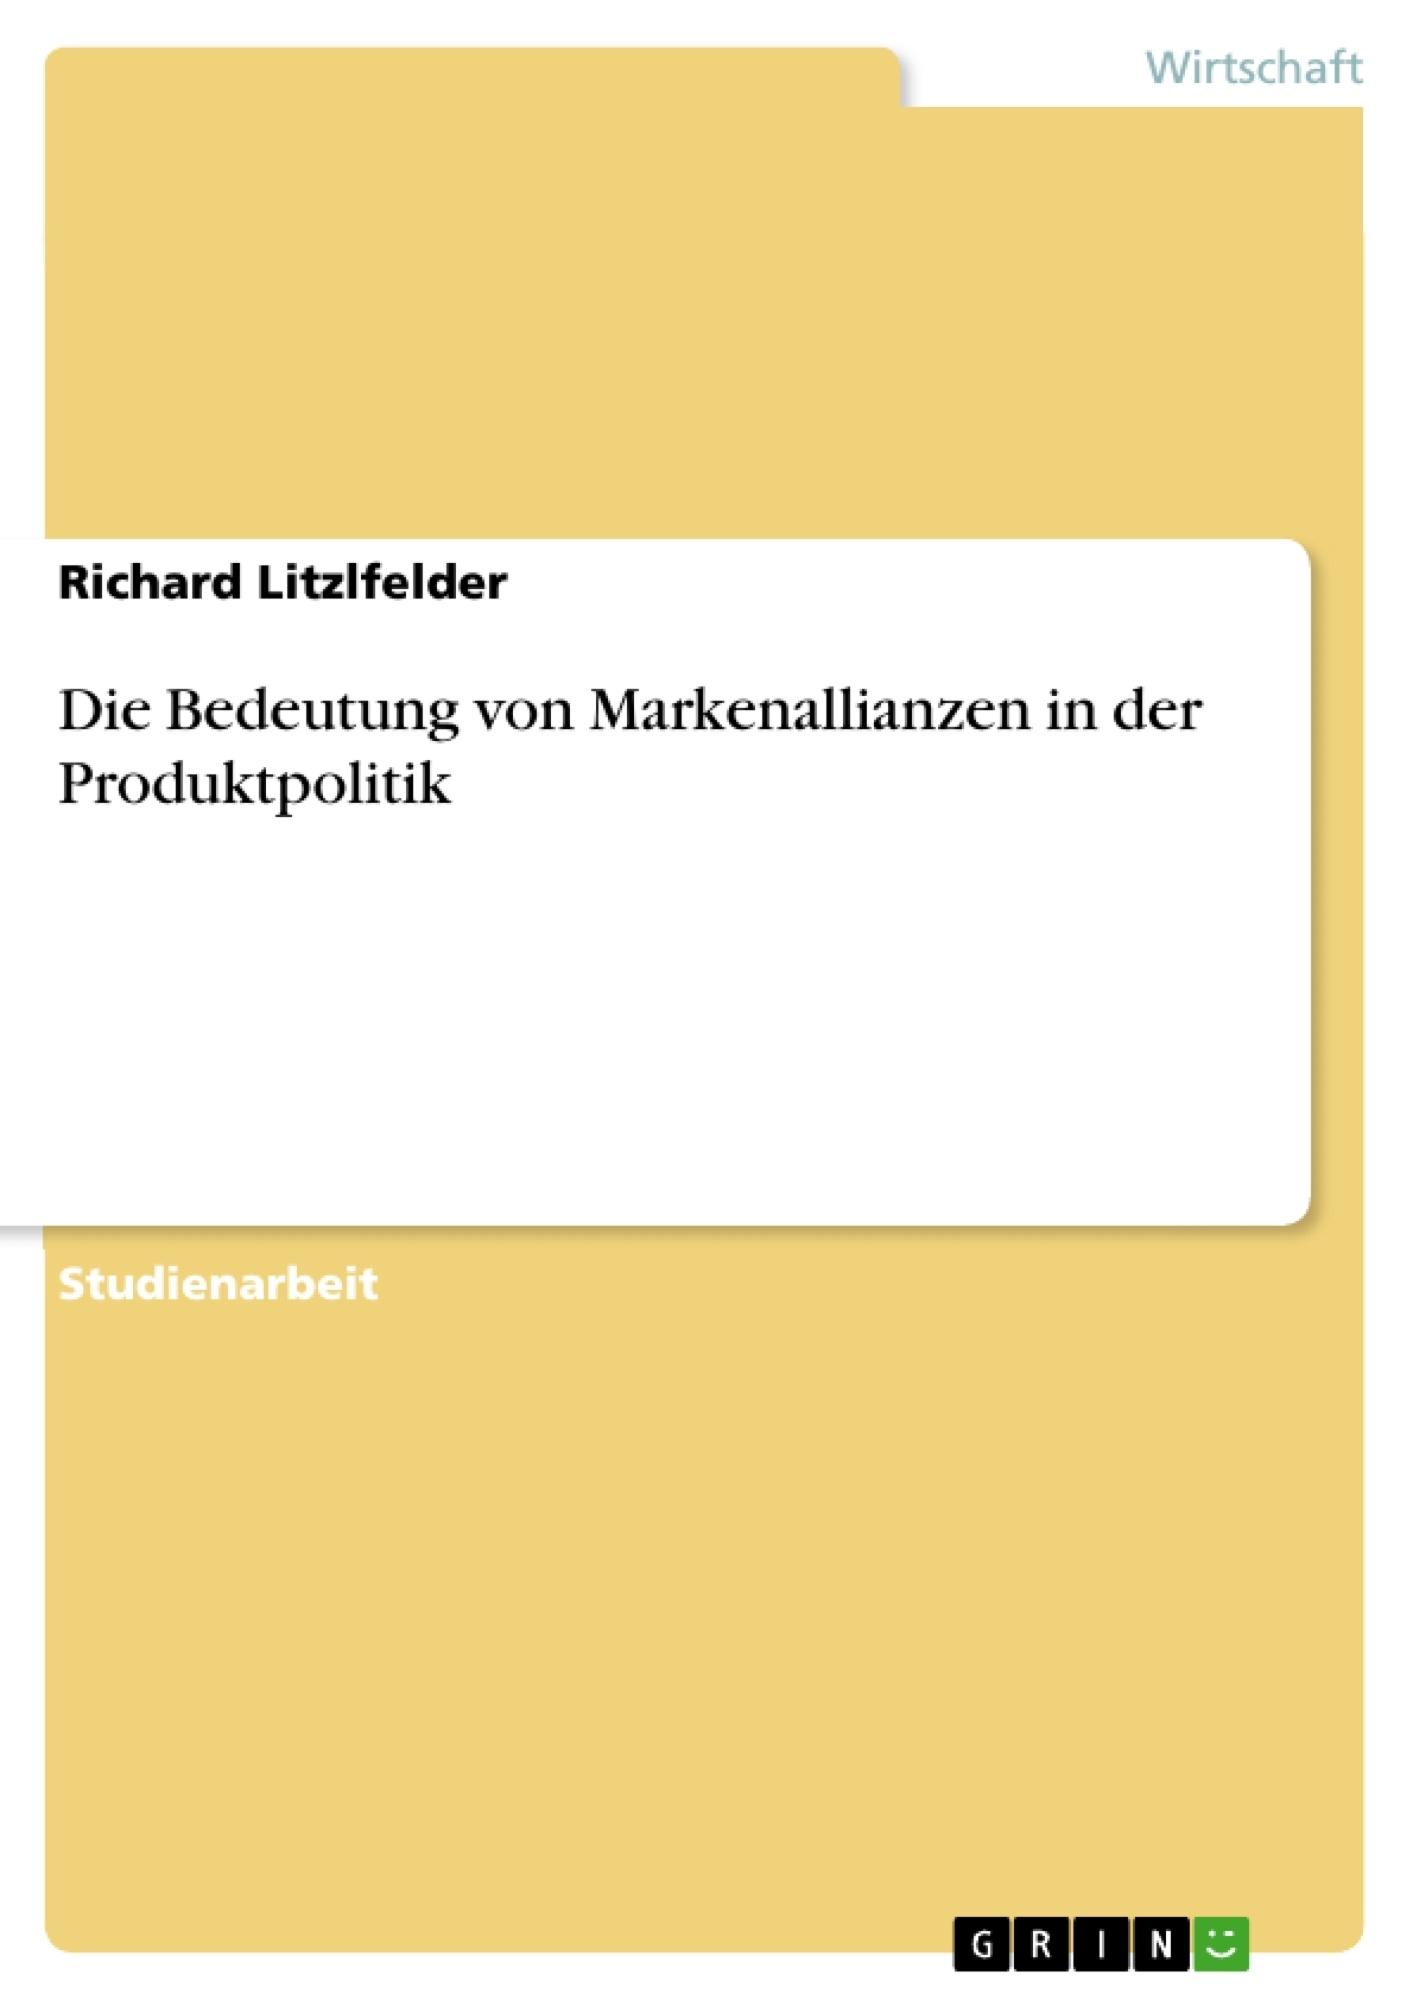 Titel: Die Bedeutung von Markenallianzen in der Produktpolitik